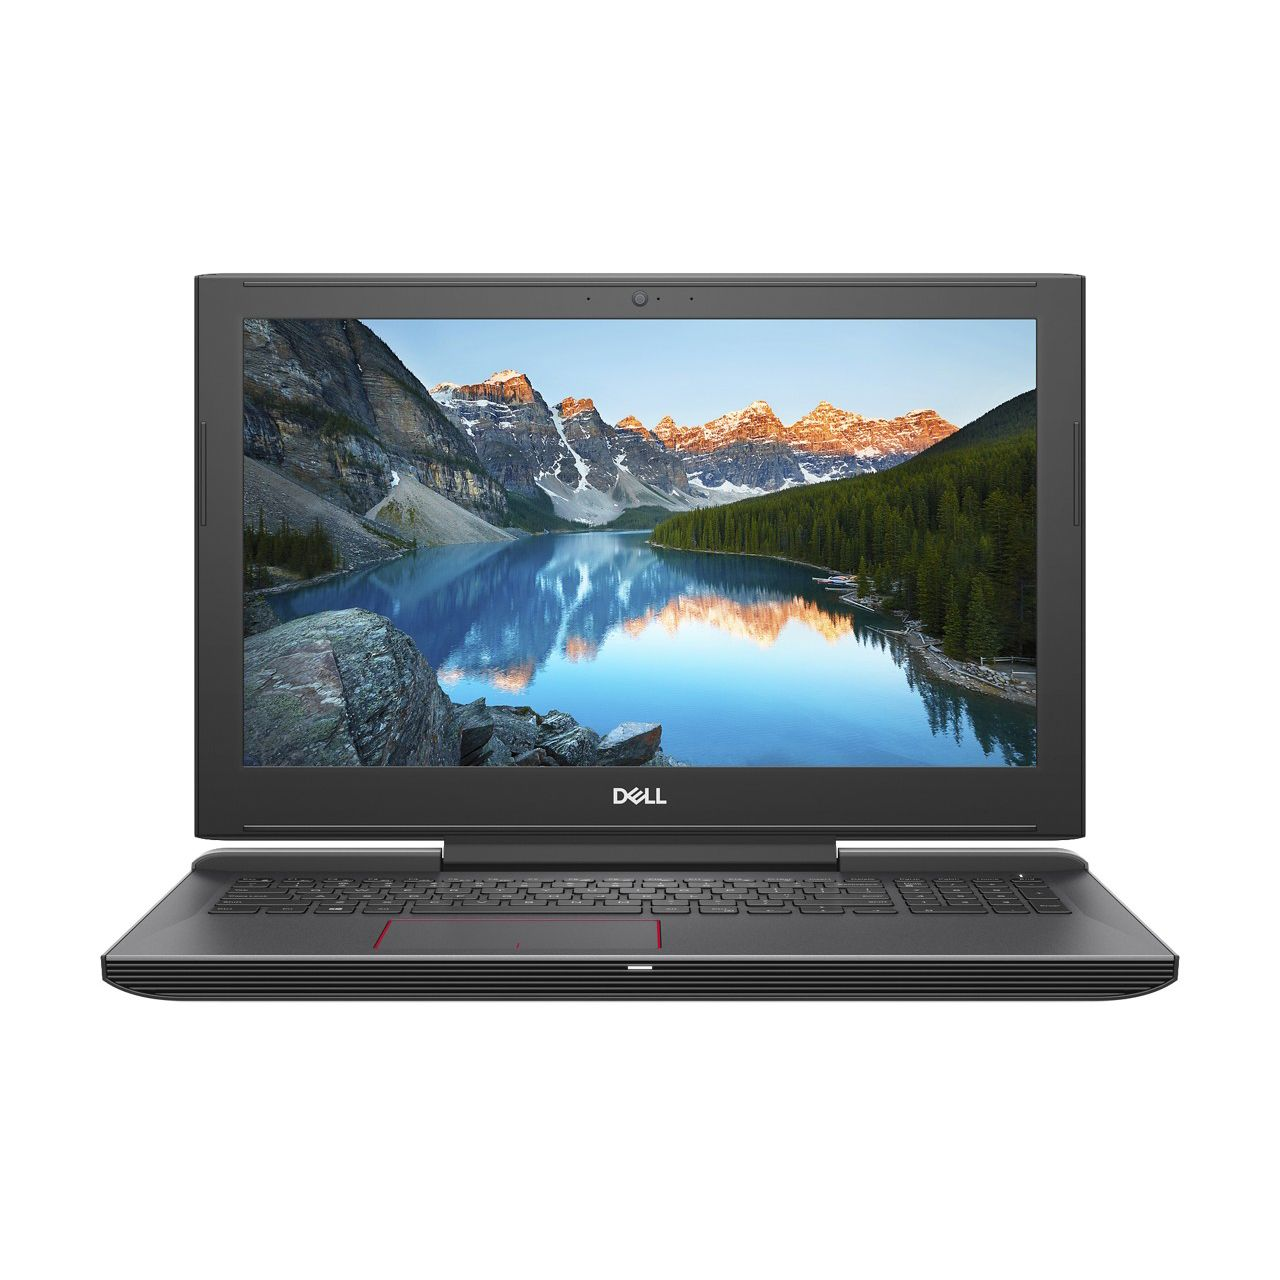 Notebook Dell Inspiron 7577 15.6 Full HD Intel Core i7-7700HQ GTX 1050 Ti-4GB RAM 8GB HDD 1TB + SSD 128GB Linux